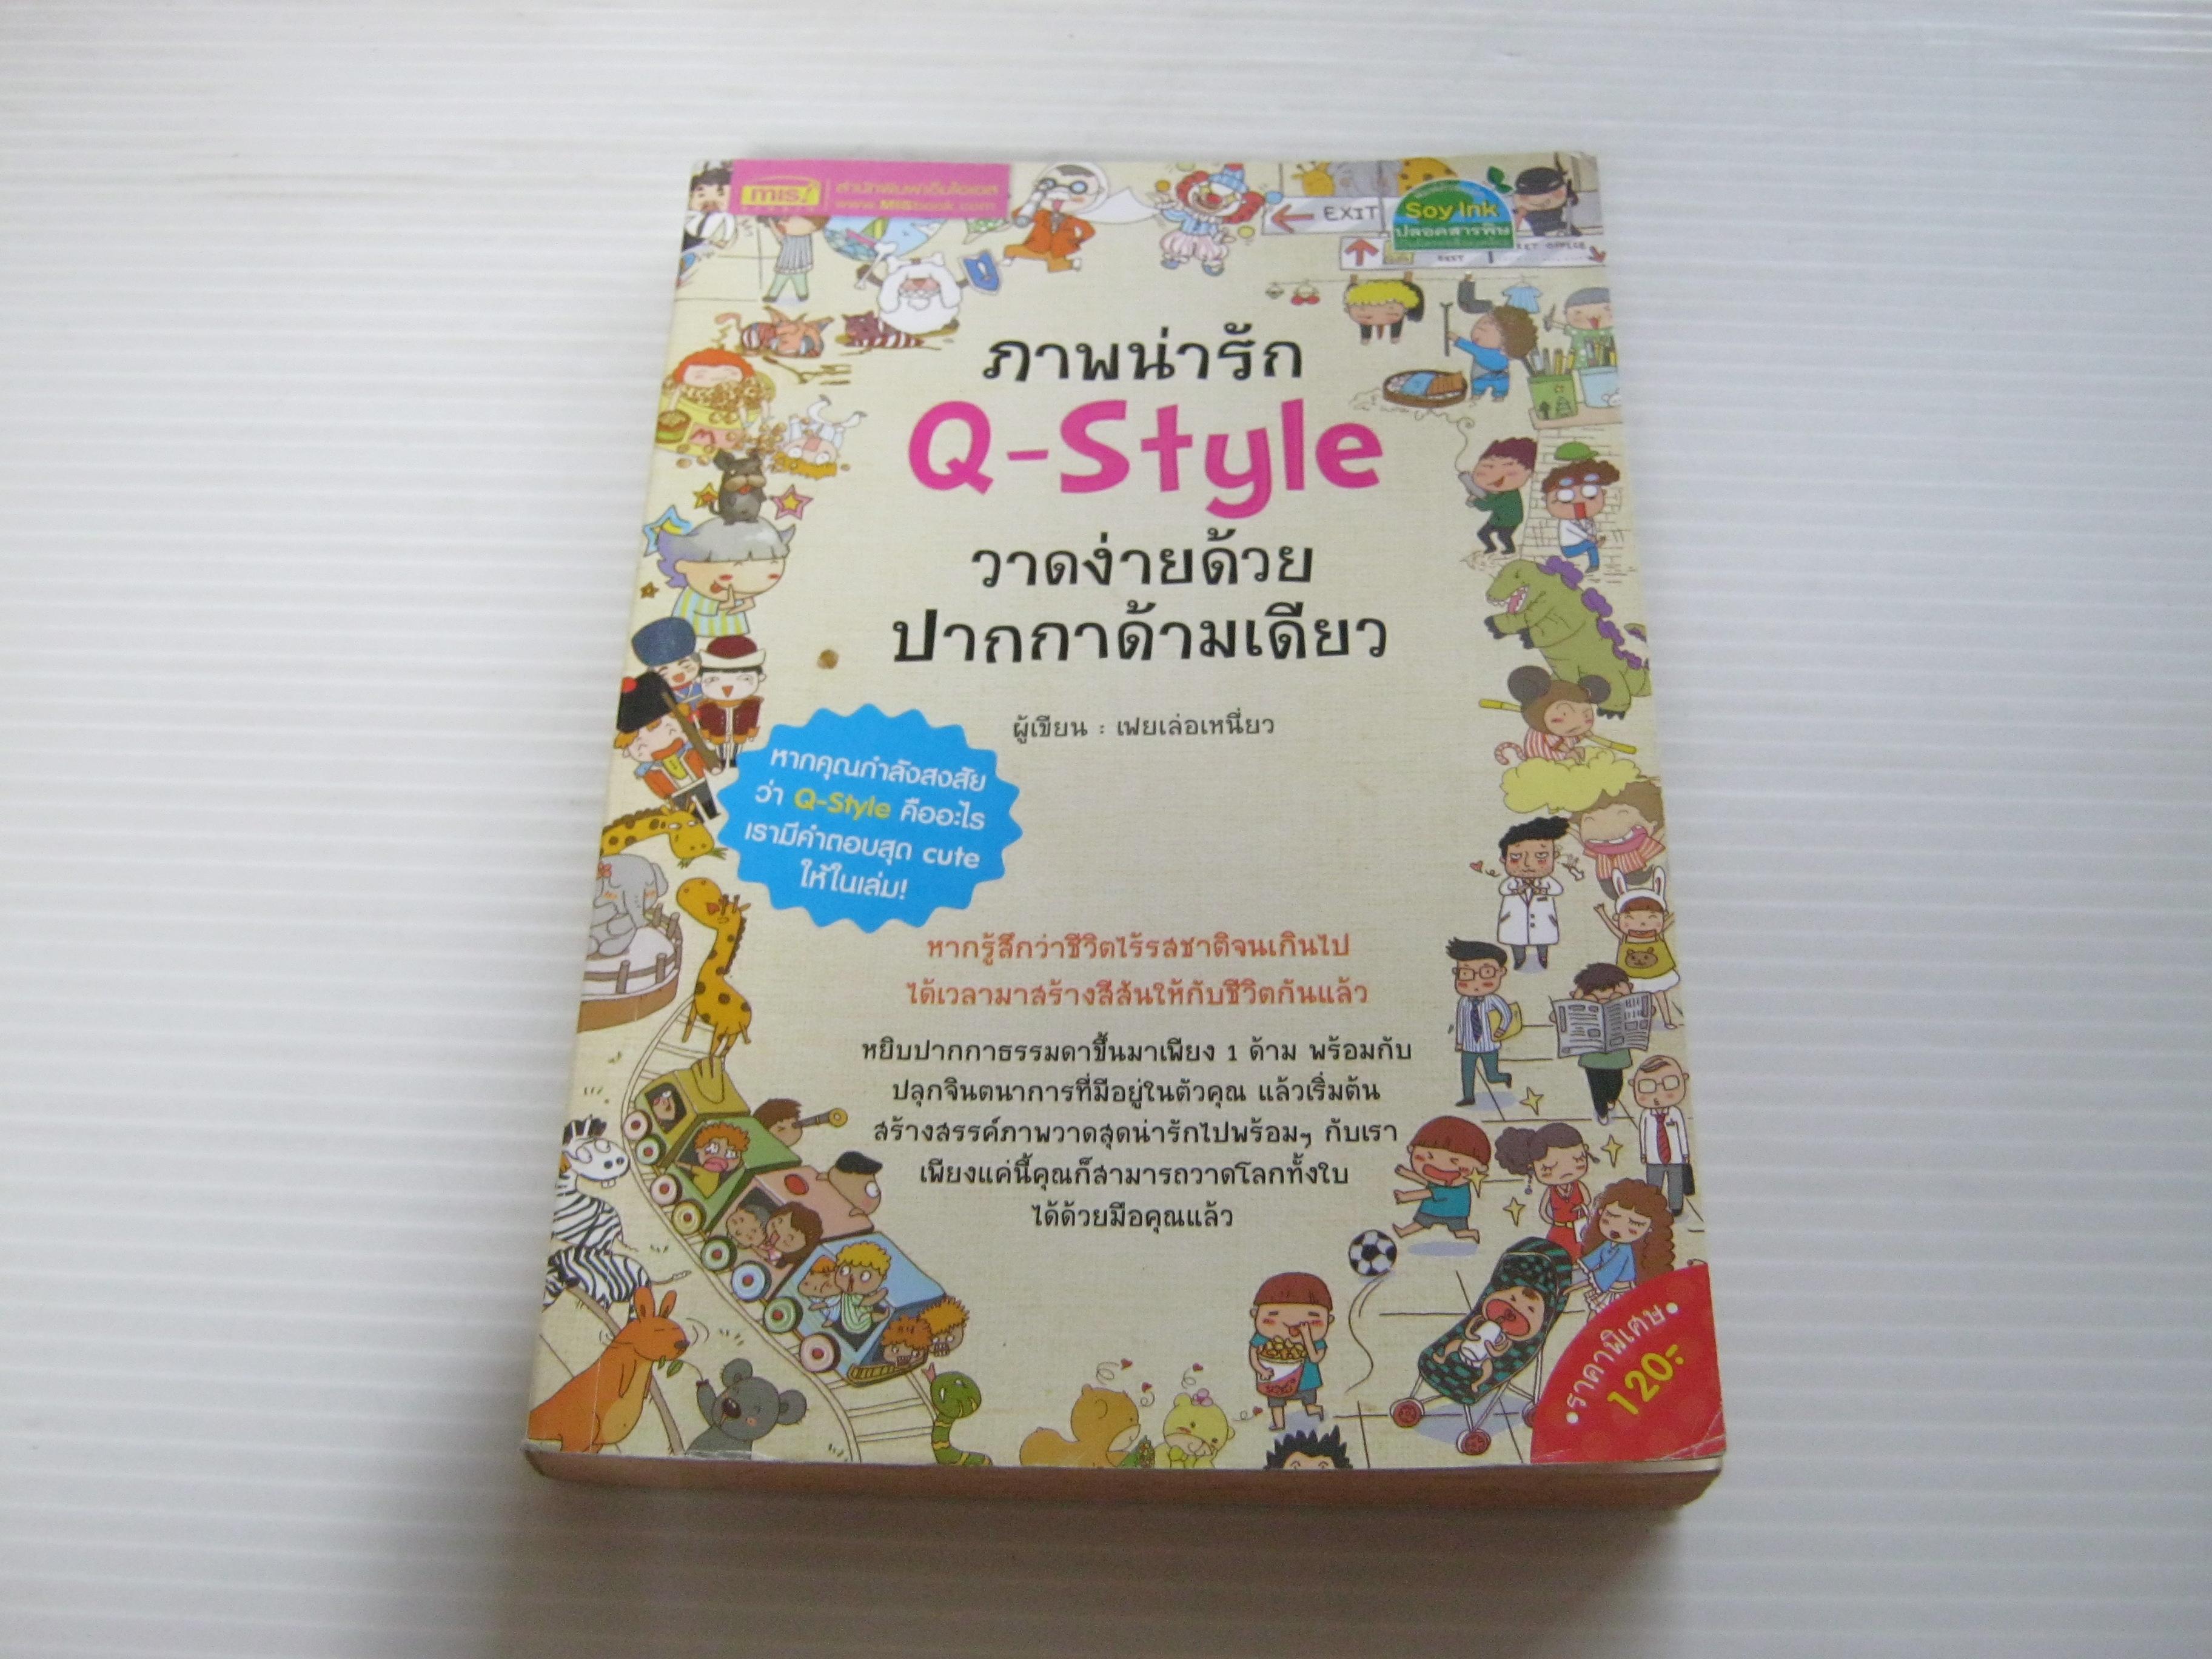 ภาพน่ารัก Q-Style วาดง่ายด้วยปากกาด้ามเดียว เฟยเล่อเหนี่ยว เขียน พิภู บุษบก แปล